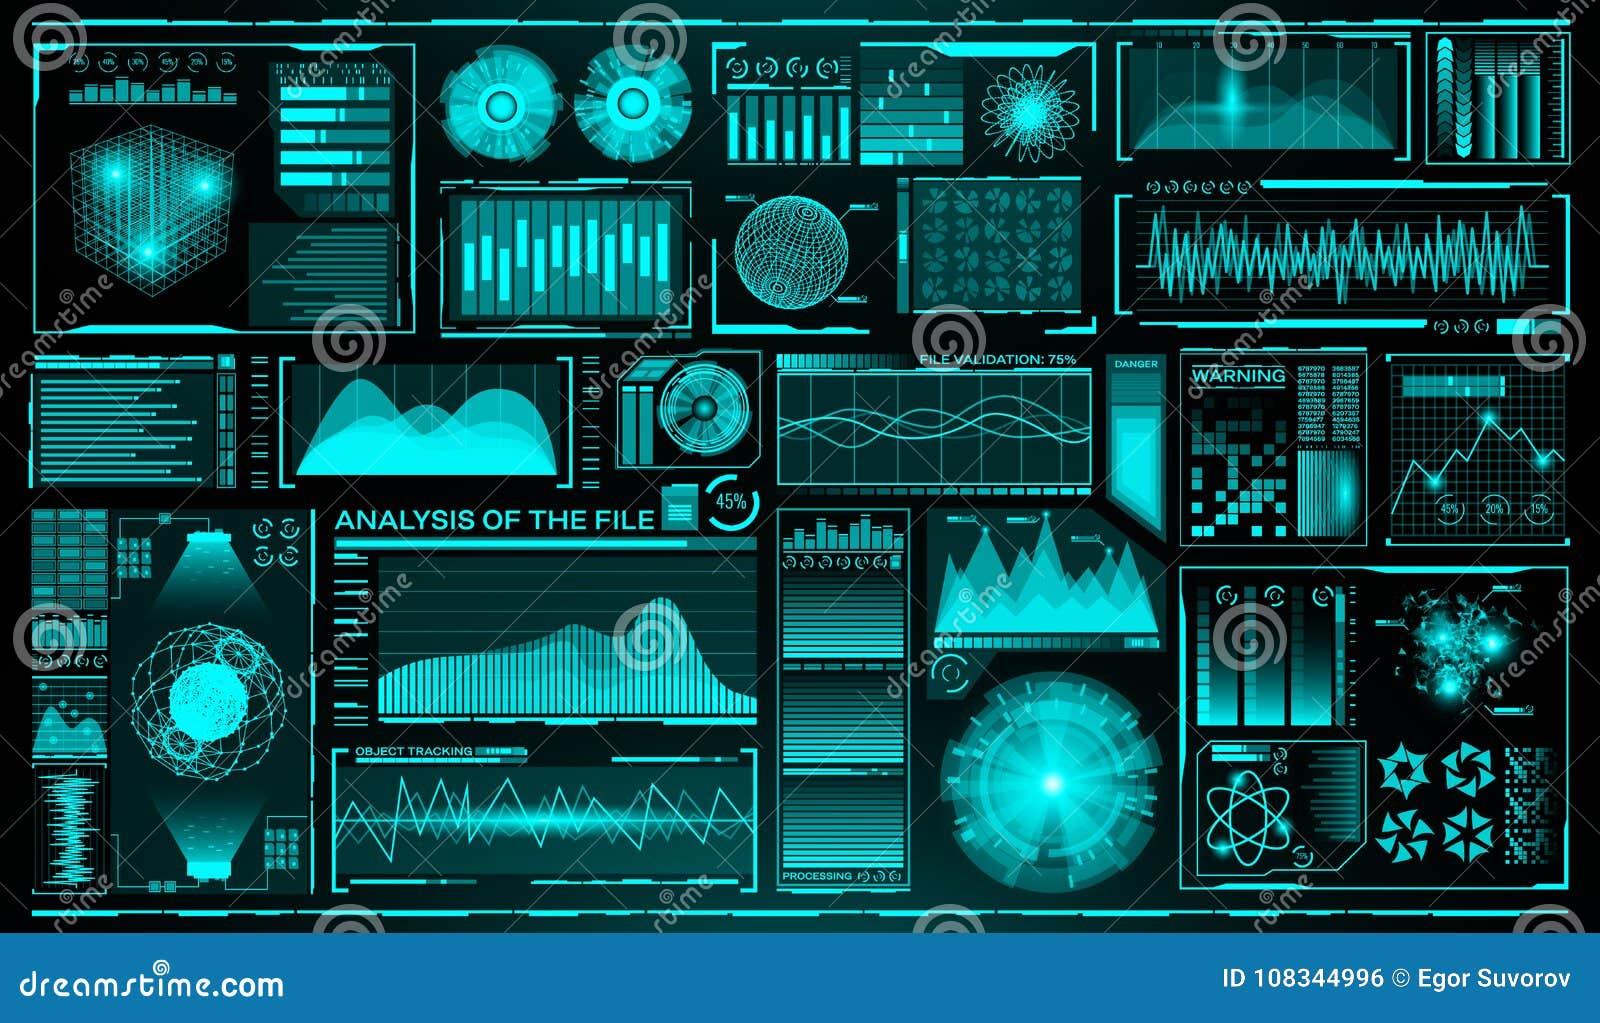 Φουτουριστικό σύνολο ενδιάμεσων με τον χρήστη HUD Μελλοντικά infographic στοιχεία Θέμα τεχνολογίας και επιστήμης Σύστημα ανάλυσης